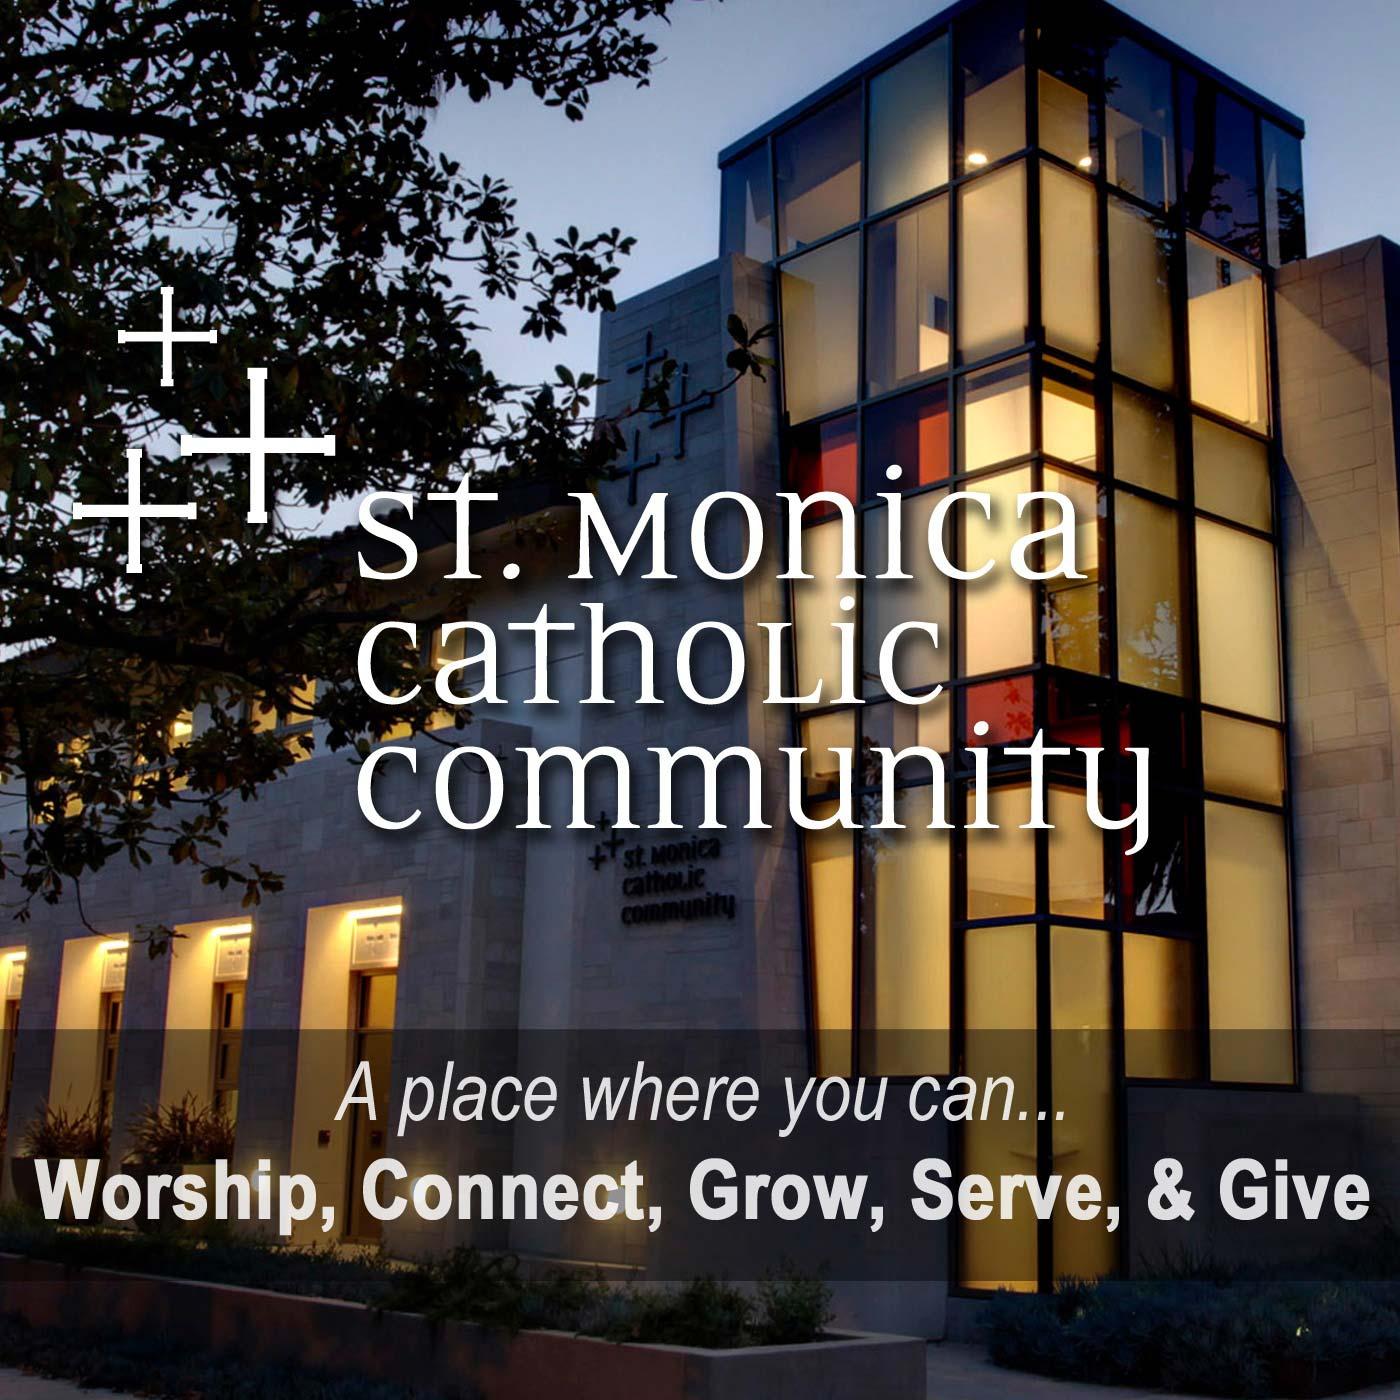 St. Monica Catholic Community